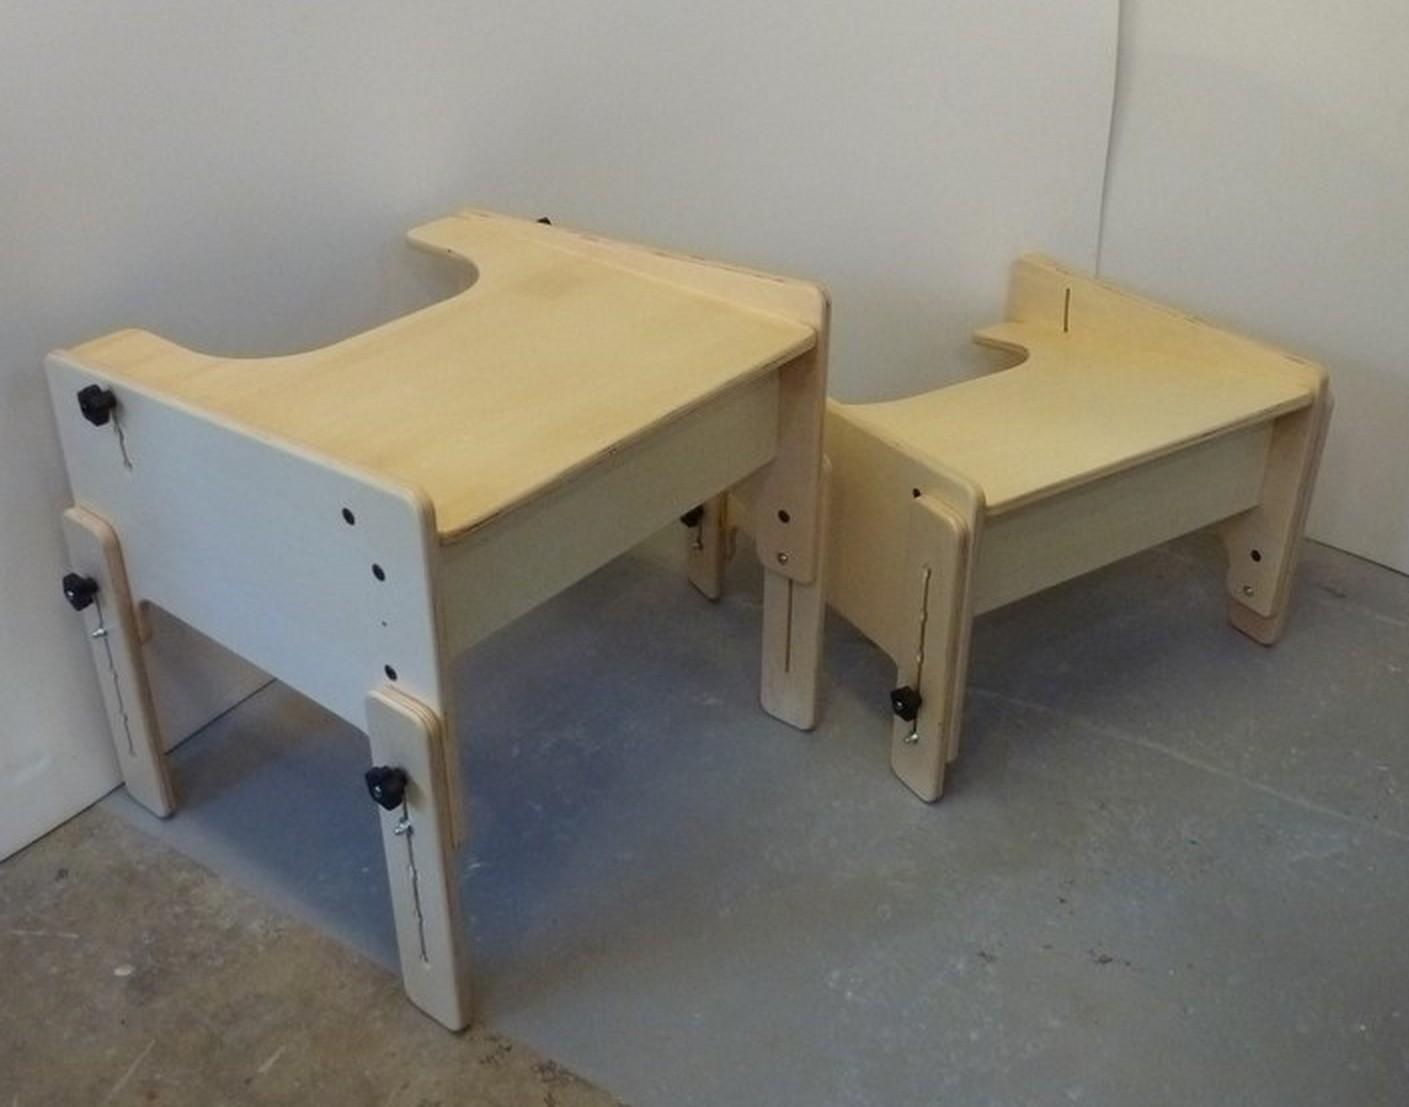 La table basile gabamousse mobilier adapté pour enfants handicapés